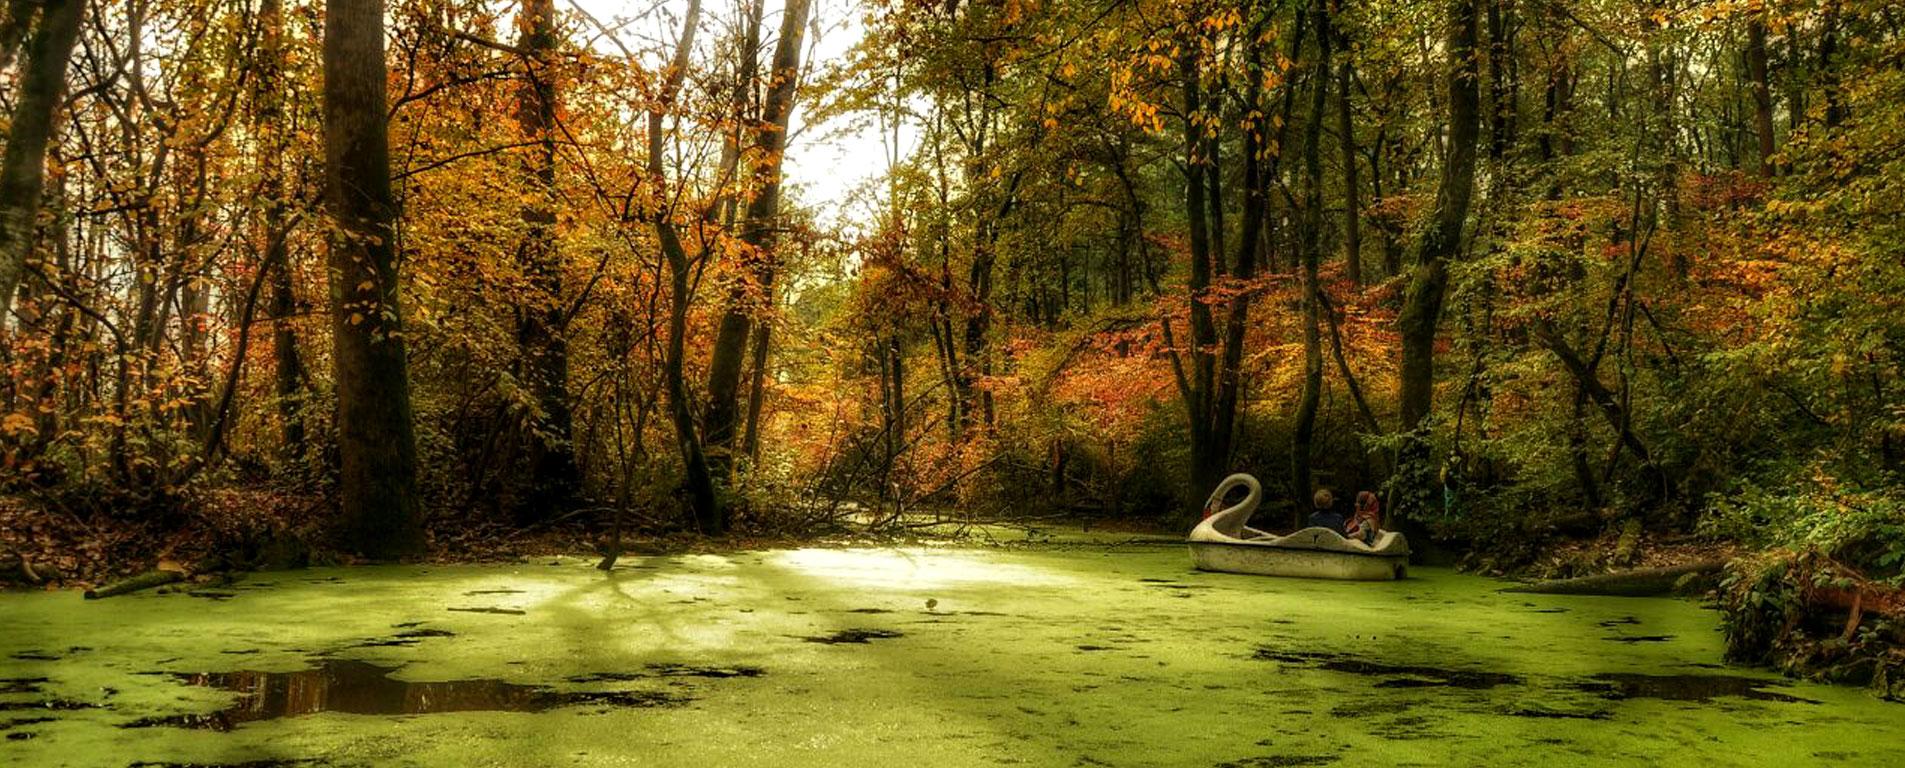 پارک جنگلی سراوان ، جنگلی تماشایی در شهرِ بارانهای نقرهای